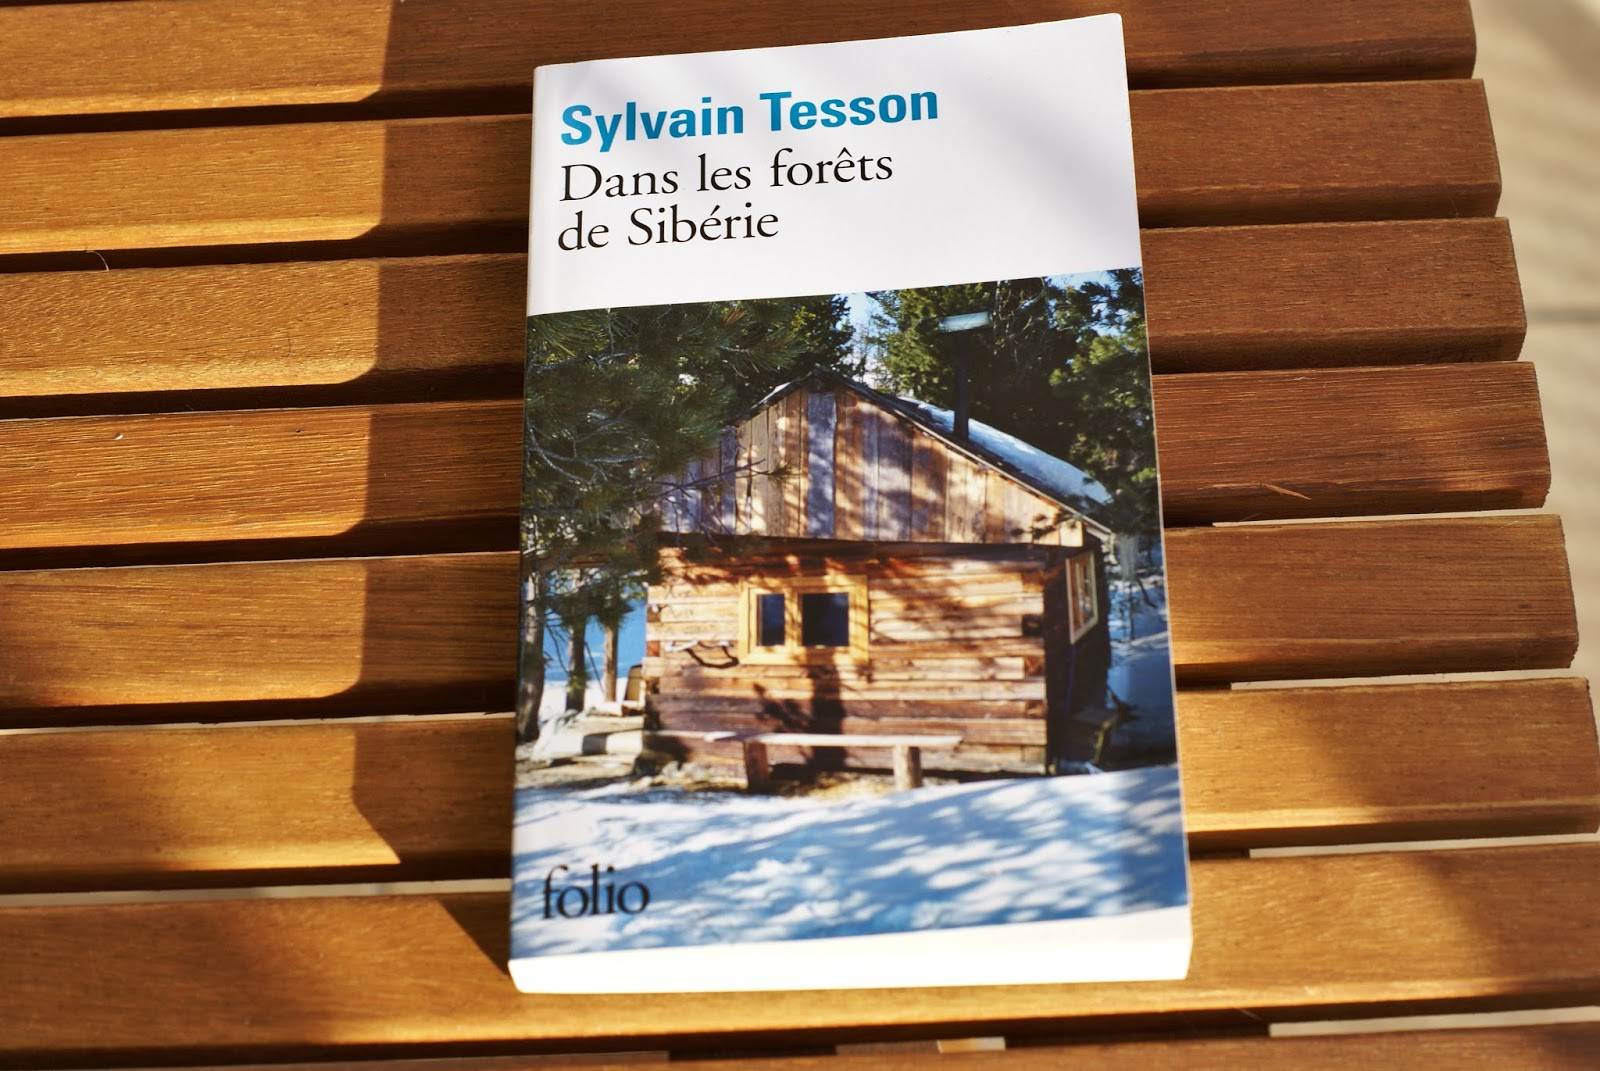 dans les forets de sibérie sylvain tesson livre